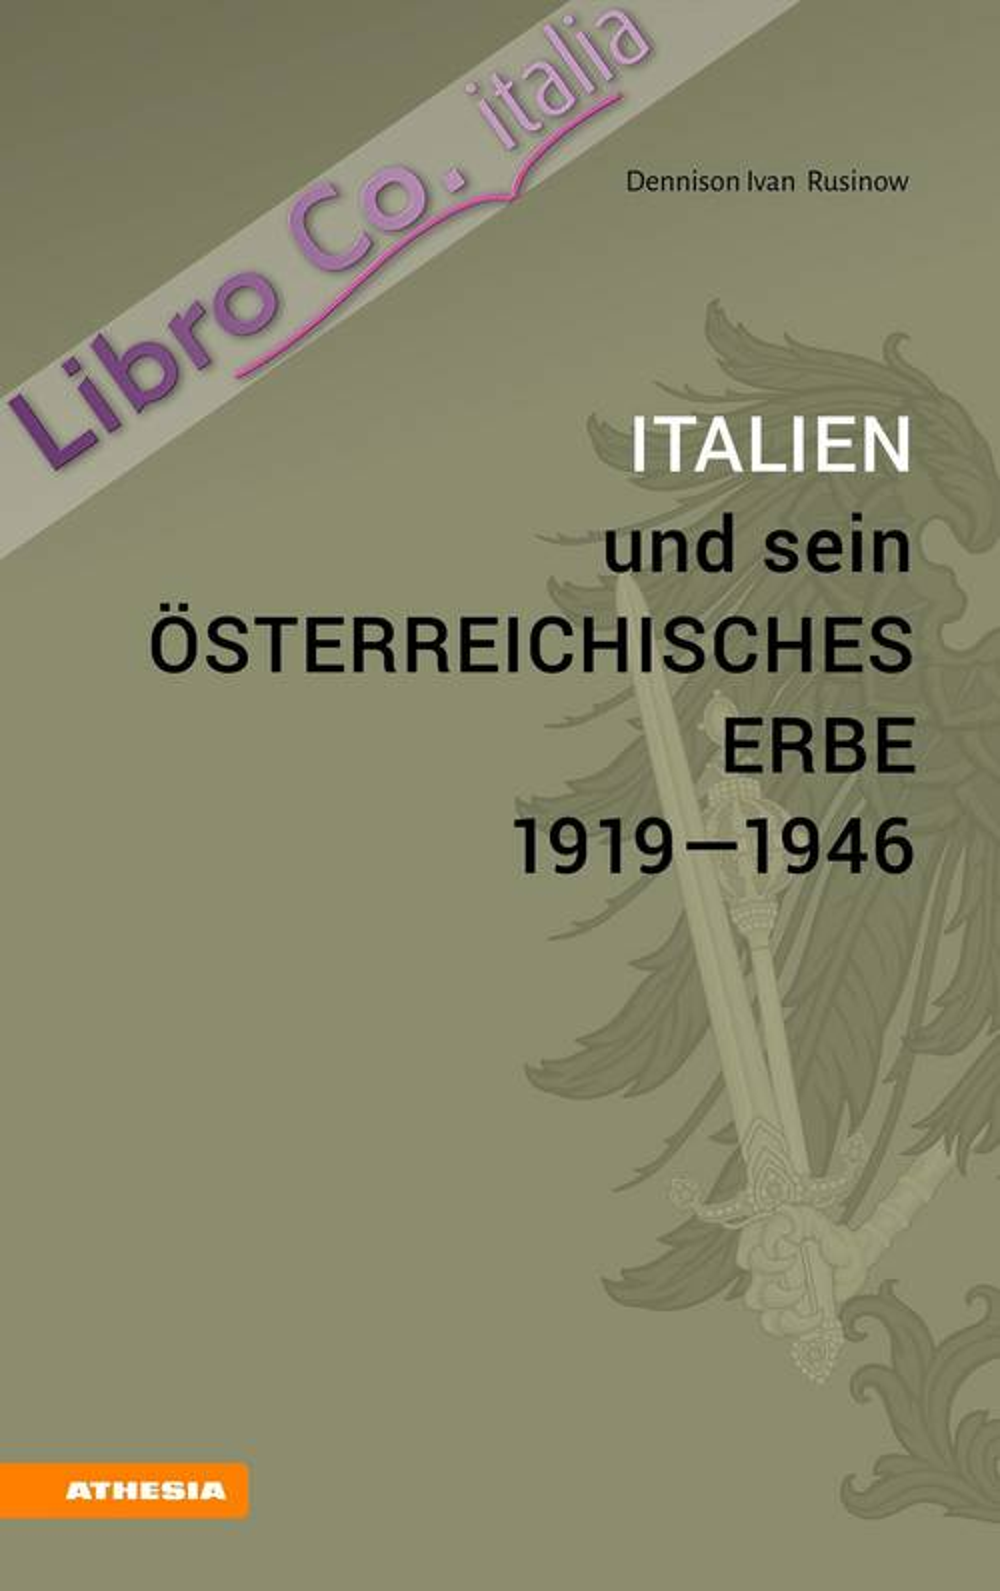 Italien und sein österreichisches Erbe 1919-1946